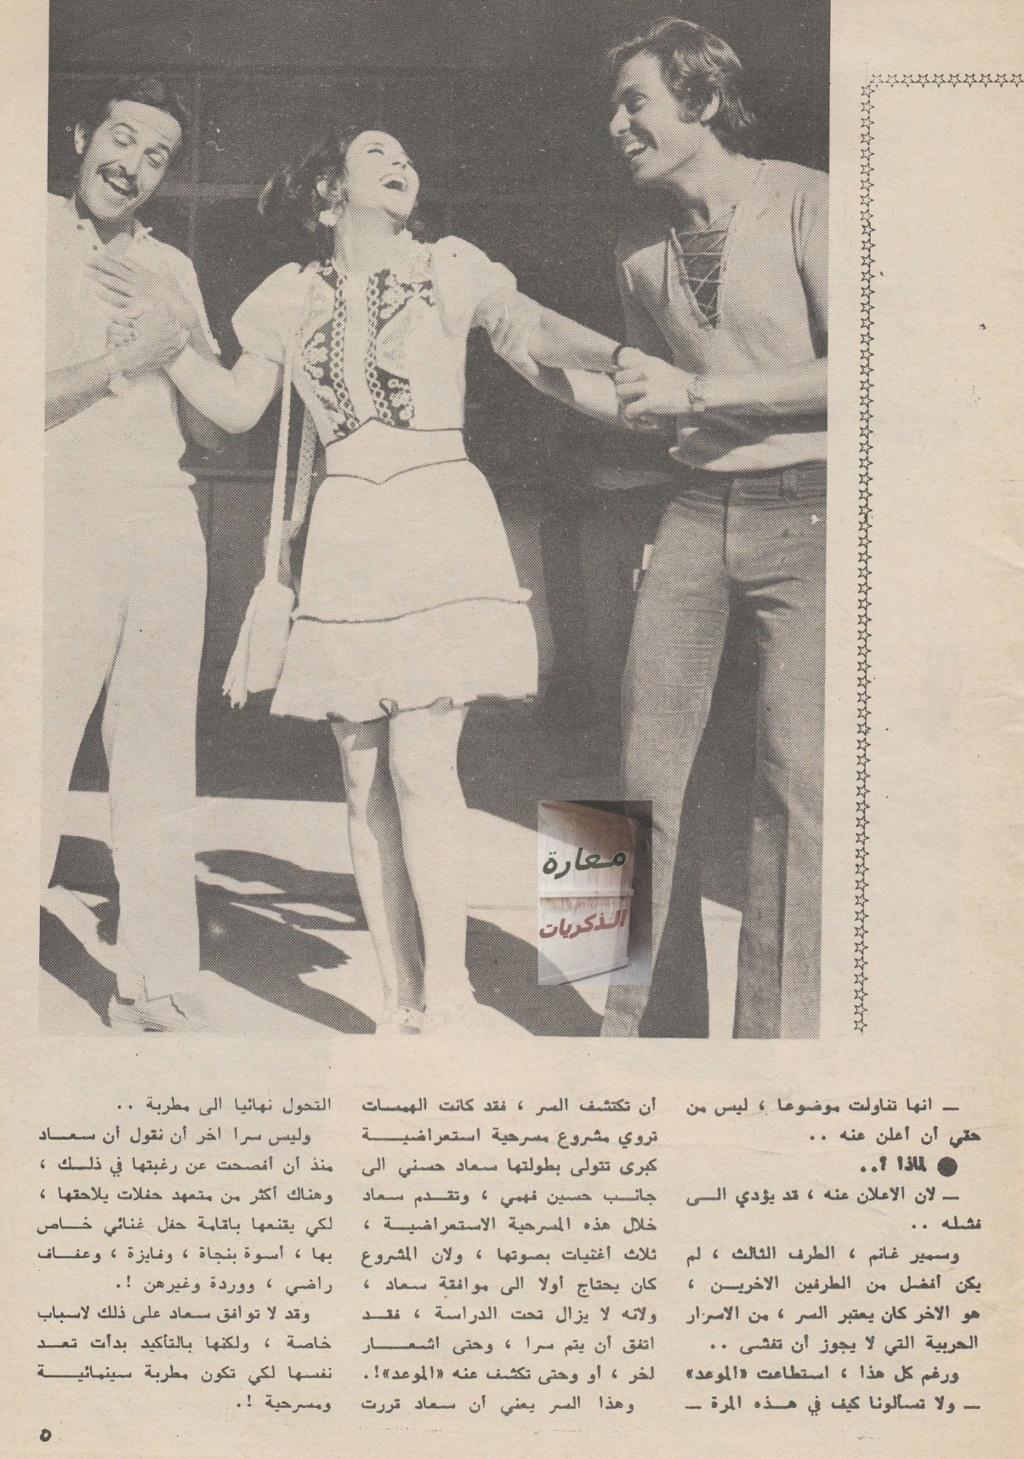 مقال - مقال صحفي : سعاد حسني تحولت إلى مطربة مسرحية 1972 م 3135